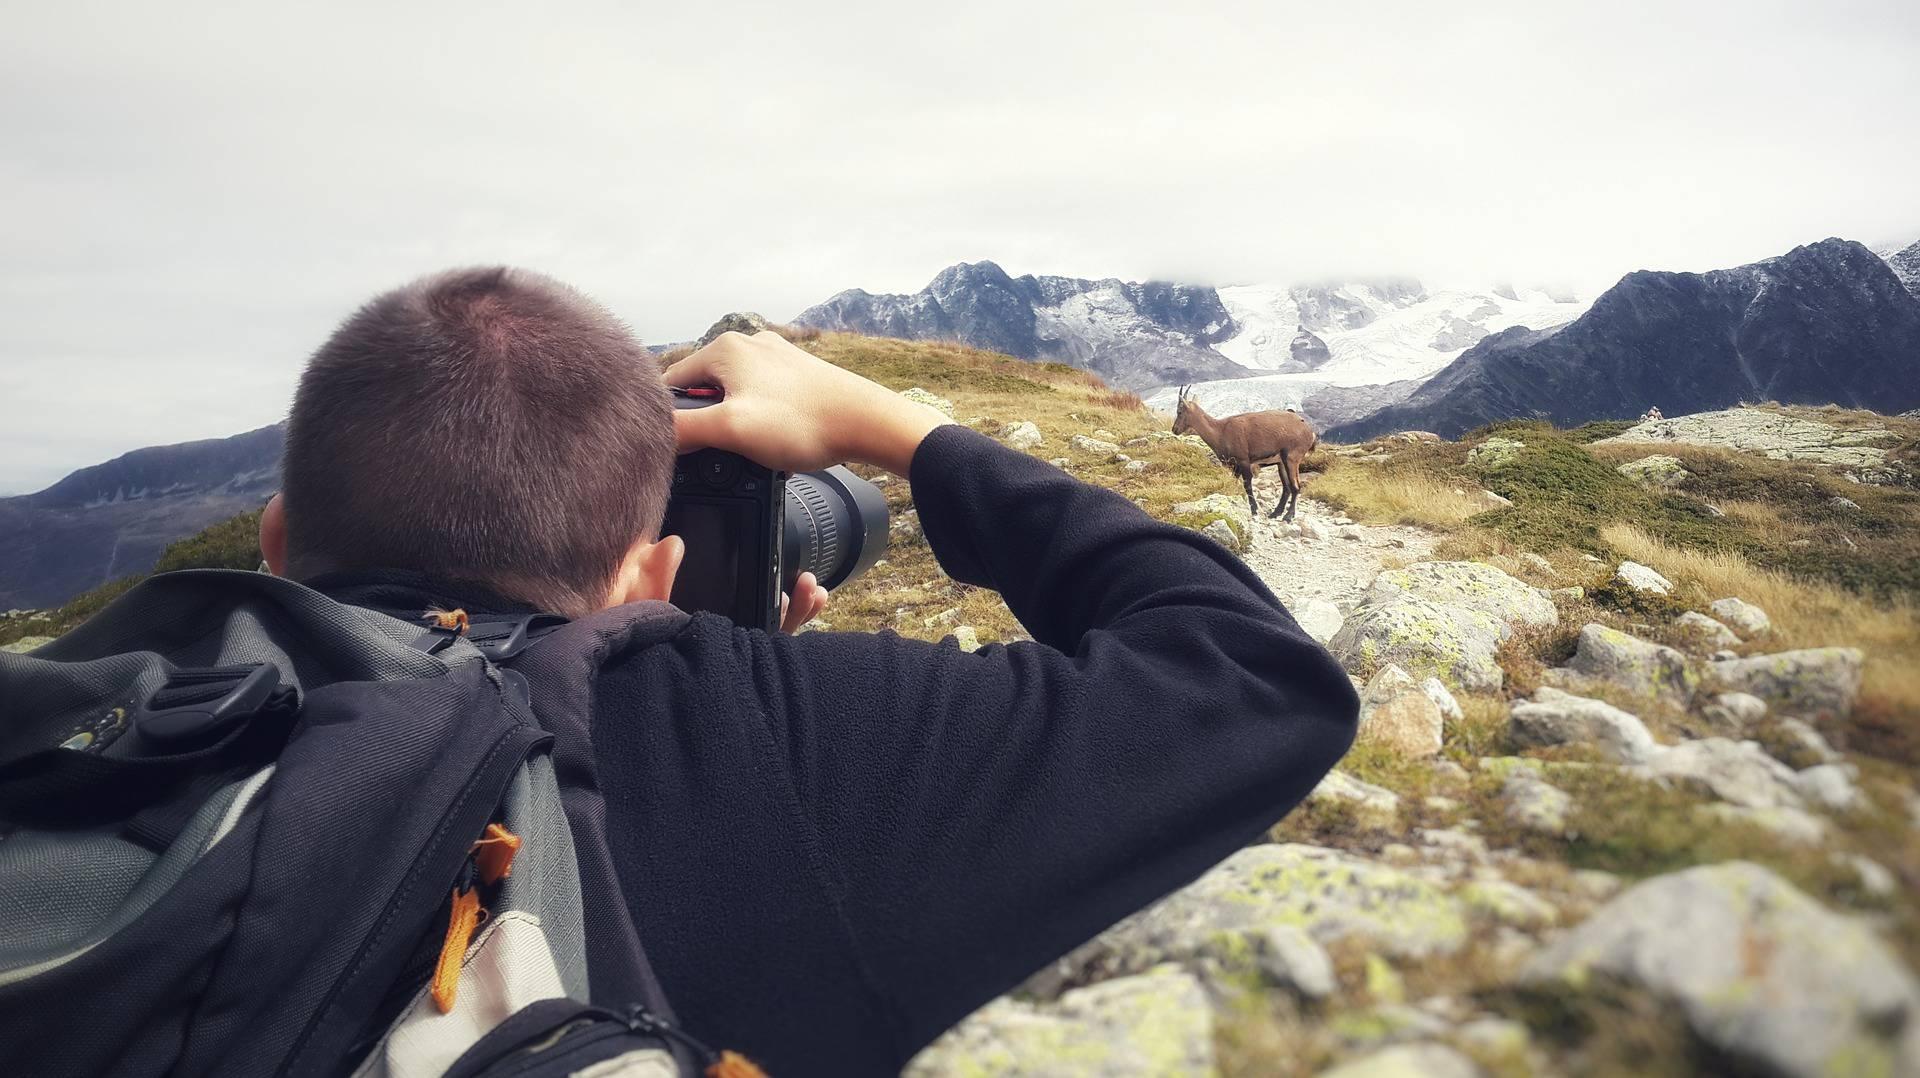 Homme photographiant un chamois